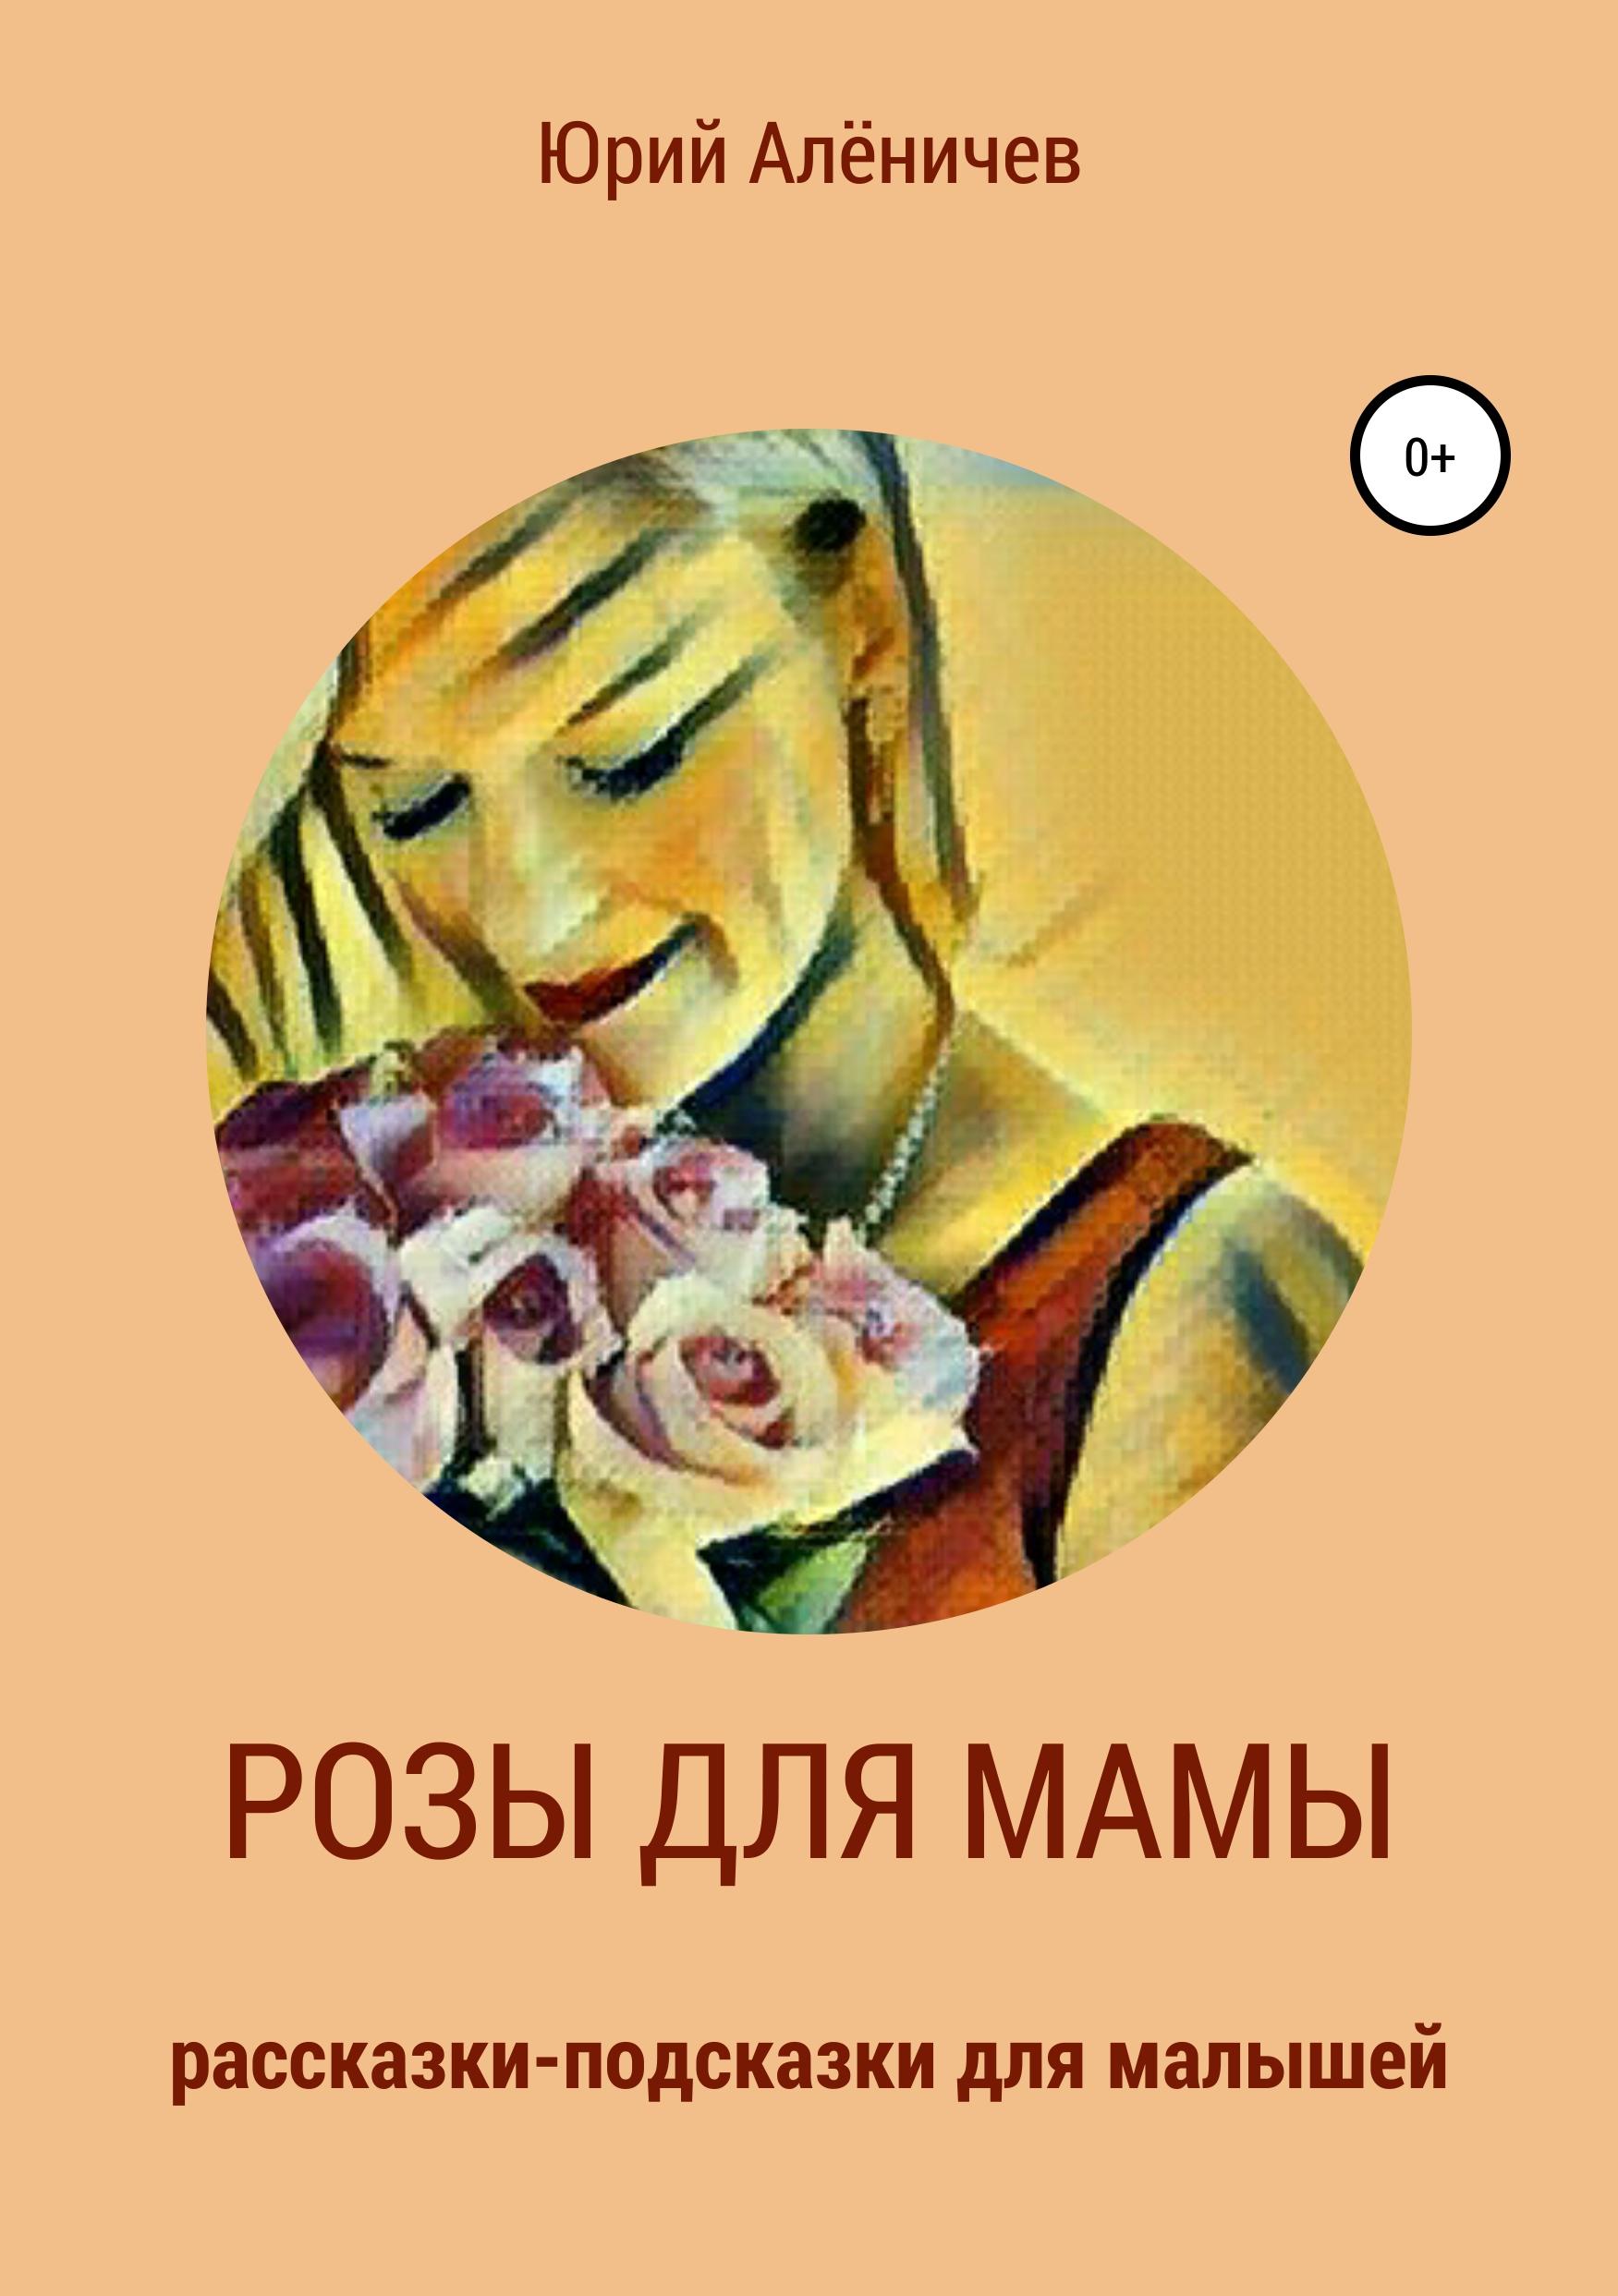 Купить книгу Розы для мамы. Рассказки-подсказки для малышей, автора Юрия Алёничева